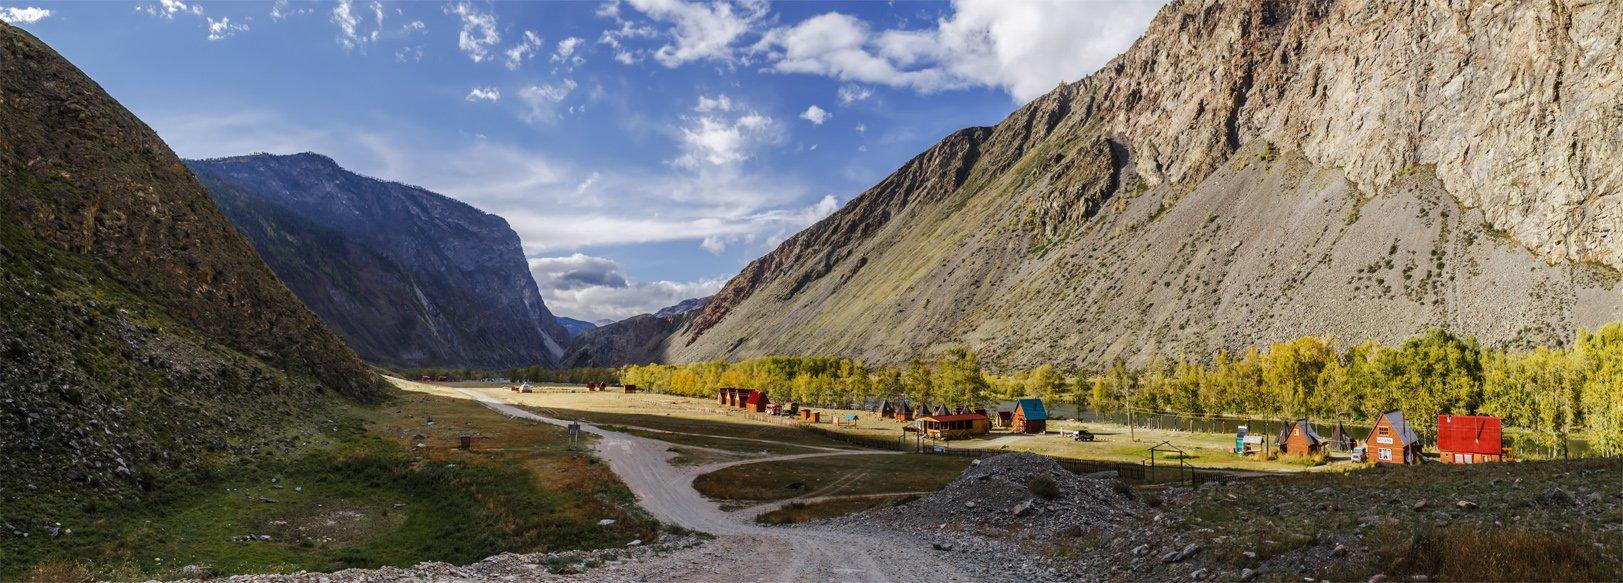 Алтай, Горный алтай, Горы, Дикая природа, Осень, Панорама, Пейзаж, Природа, Альберт Беляев